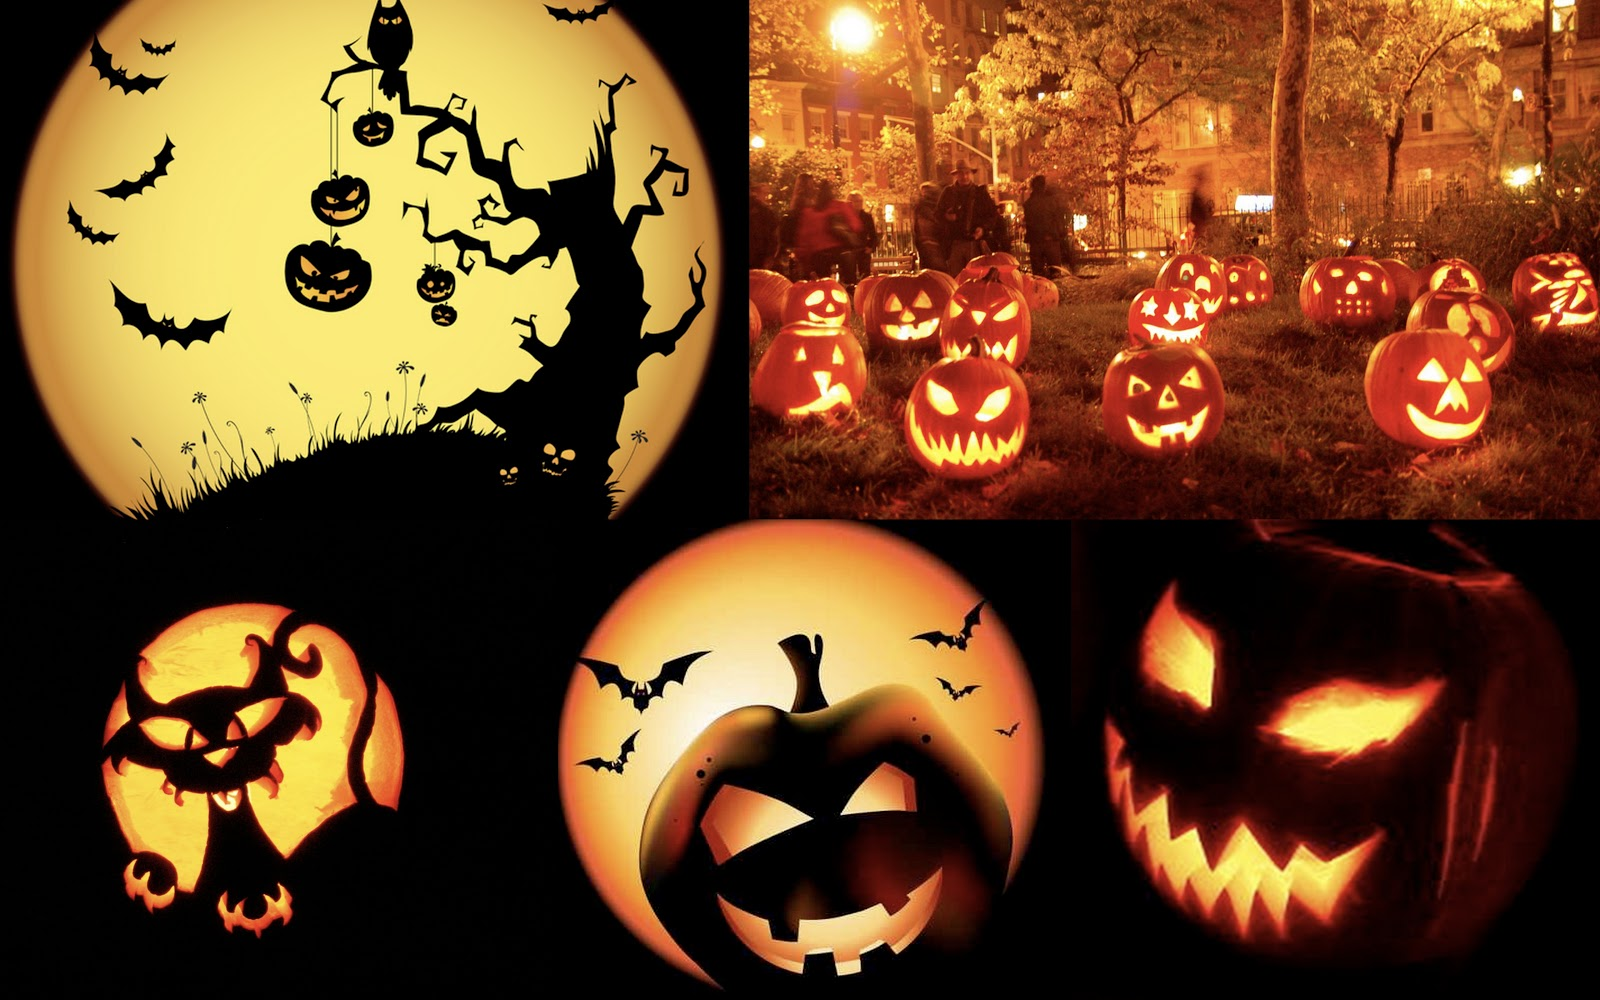 halloween kuvahaku web kamera seuraa